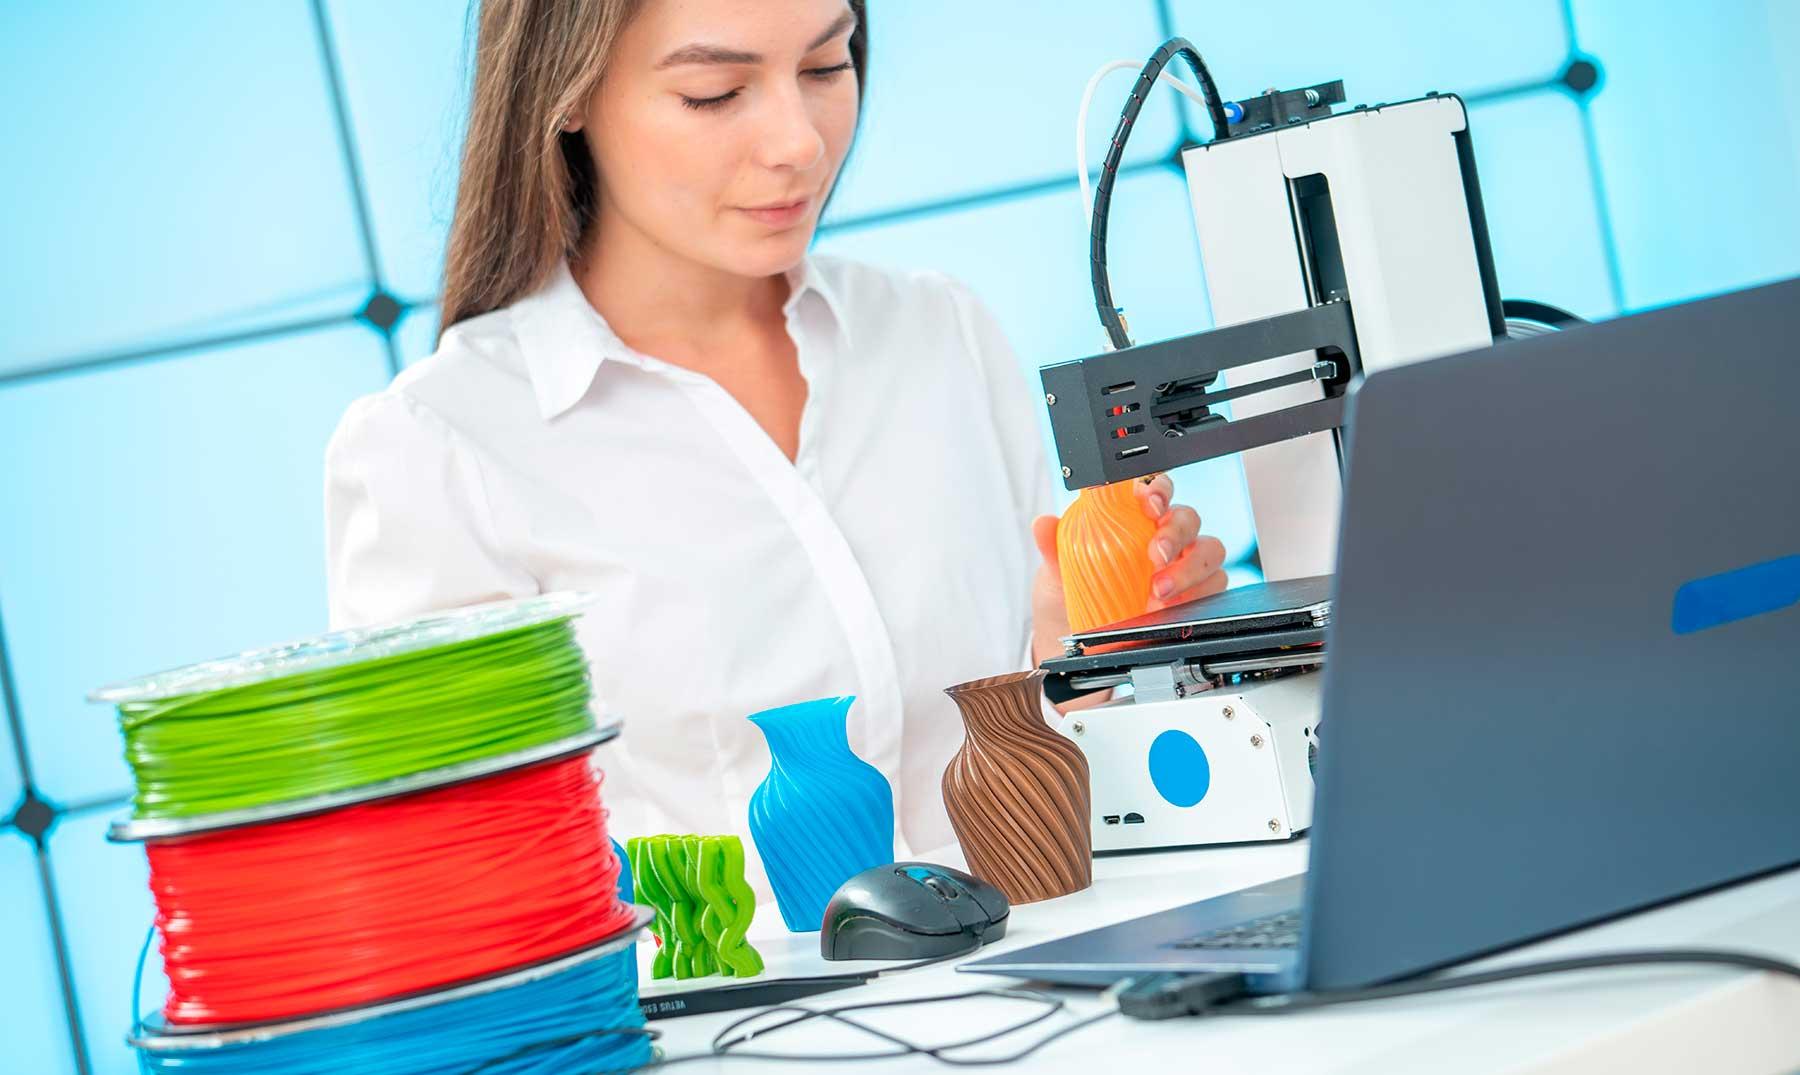 mujer imprimiendo jarrones en impresora 3d